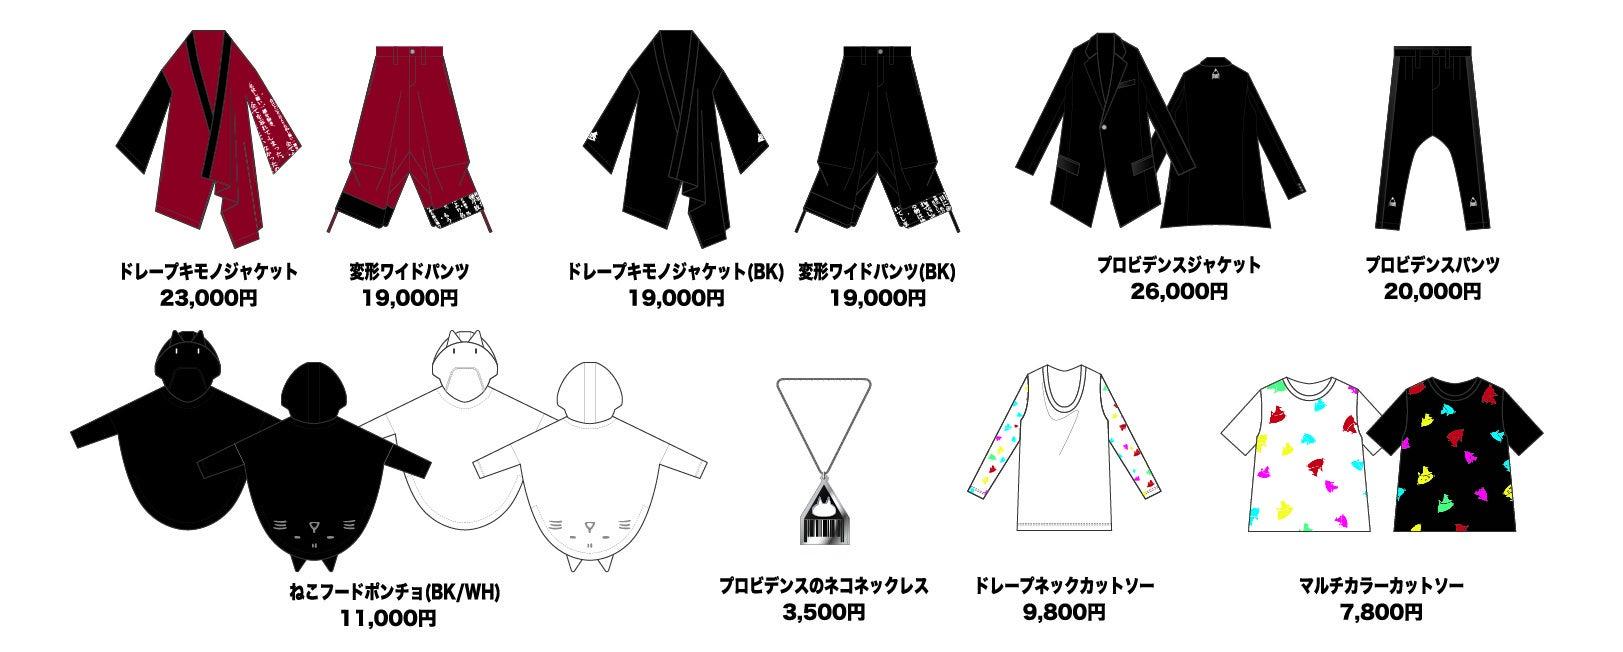 さらに、ライブ衣装をお揃いで着られるように、ライブ衣装をコラボアイテムとして発売します!